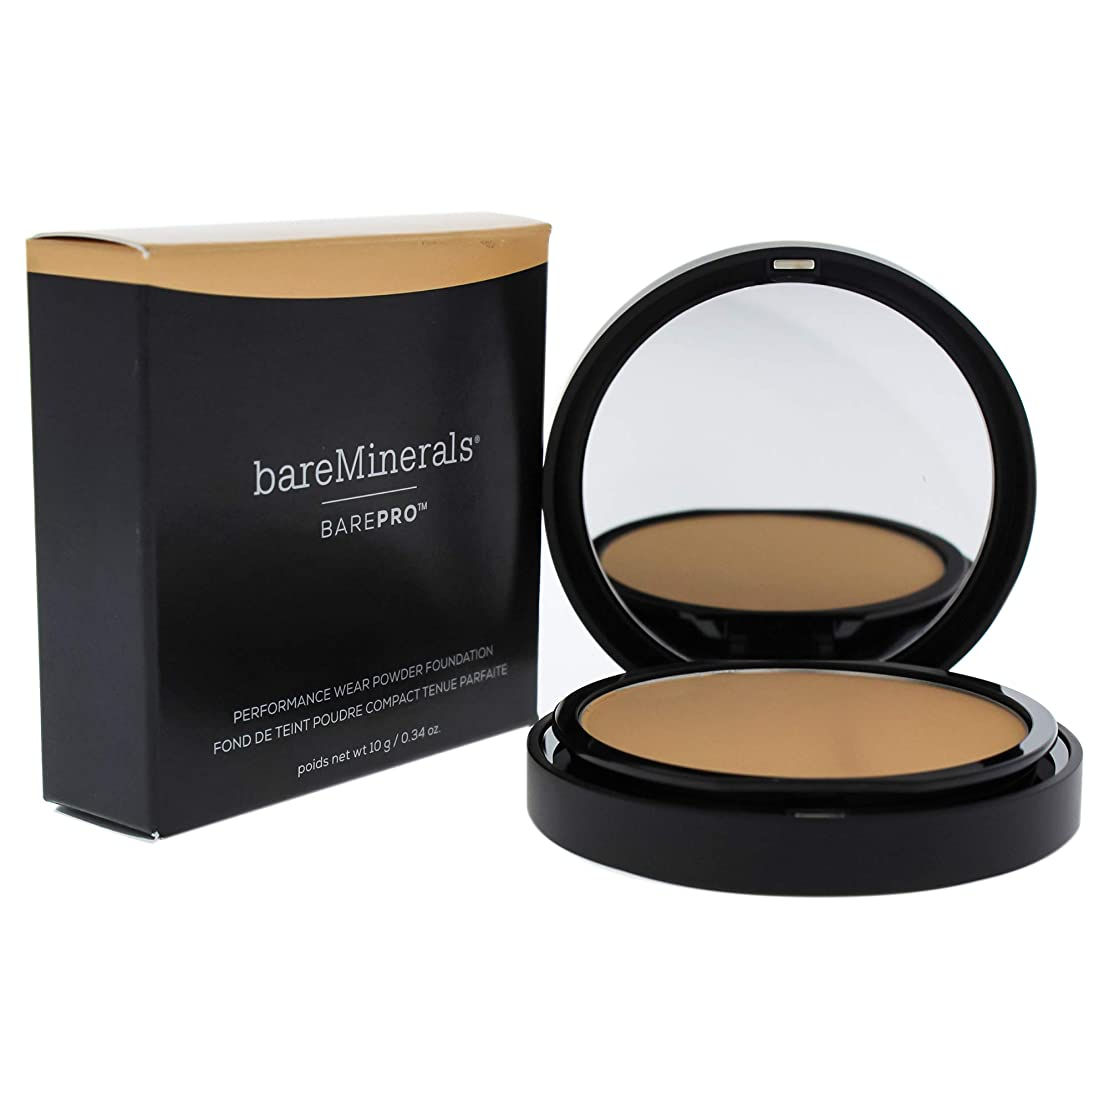 大破デュアル愛ベアミネラル BarePro Performance Wear Powder Foundation - # 13 Golden Nude 10g/0.34oz並行輸入品